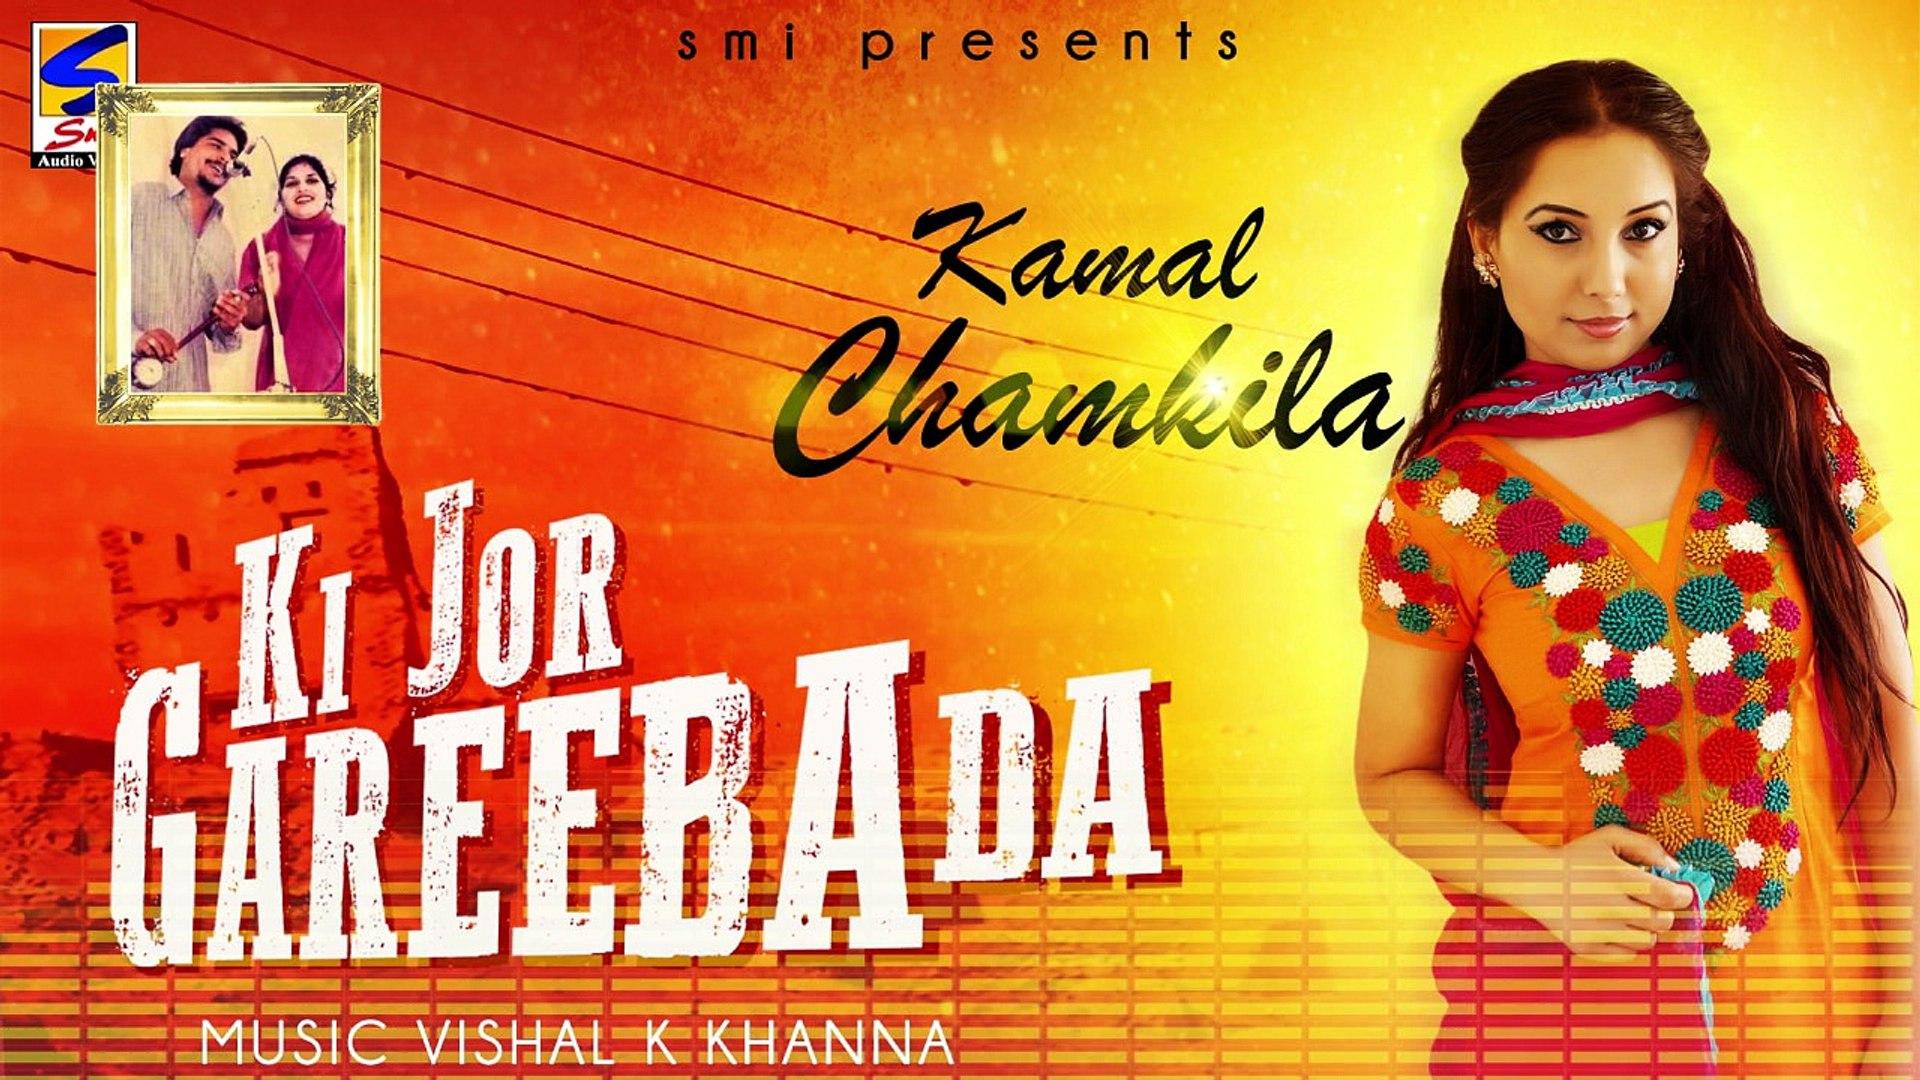 New Punjabi Song 2015 | Ki Jor Gareeba da | Kamal Chamkila | Latest New Punjabi Songs 2015 | Punjabi